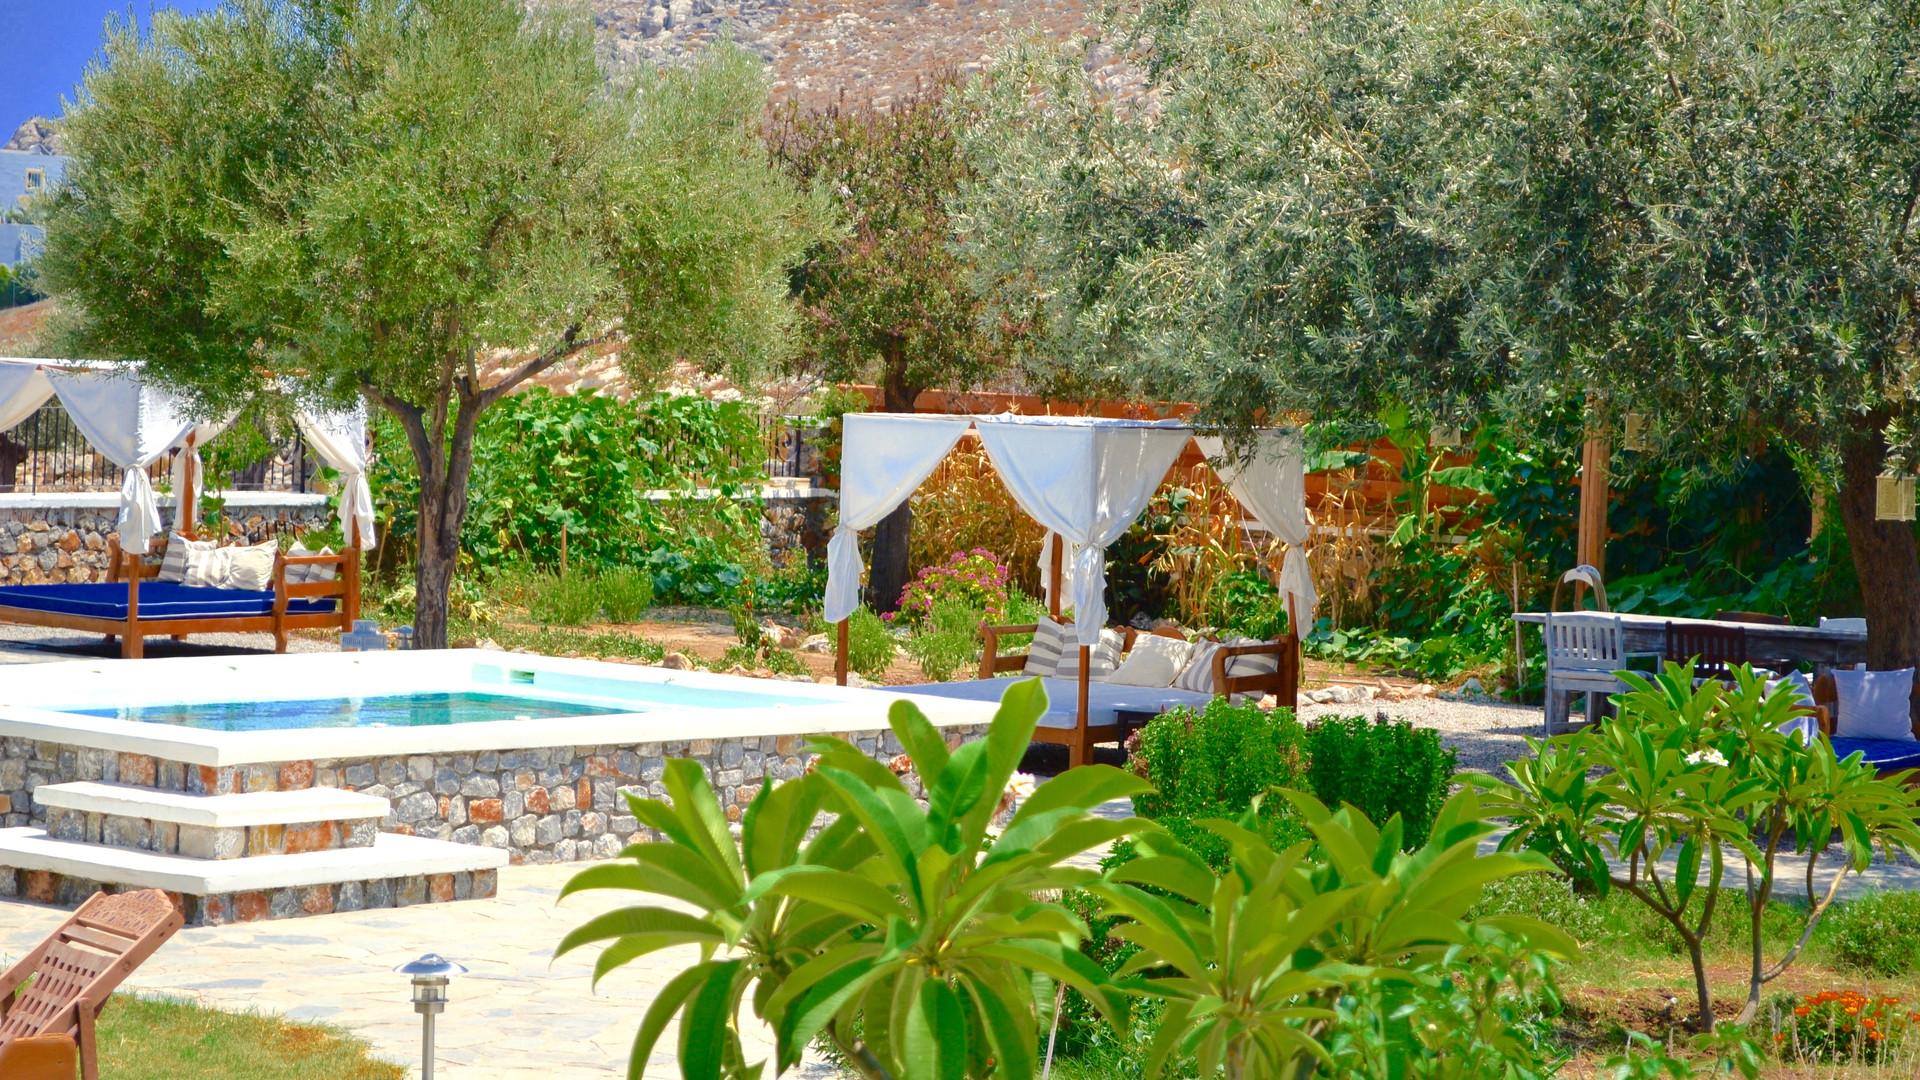 The Magnolia Spa  Hot Bath & Relaxation Area